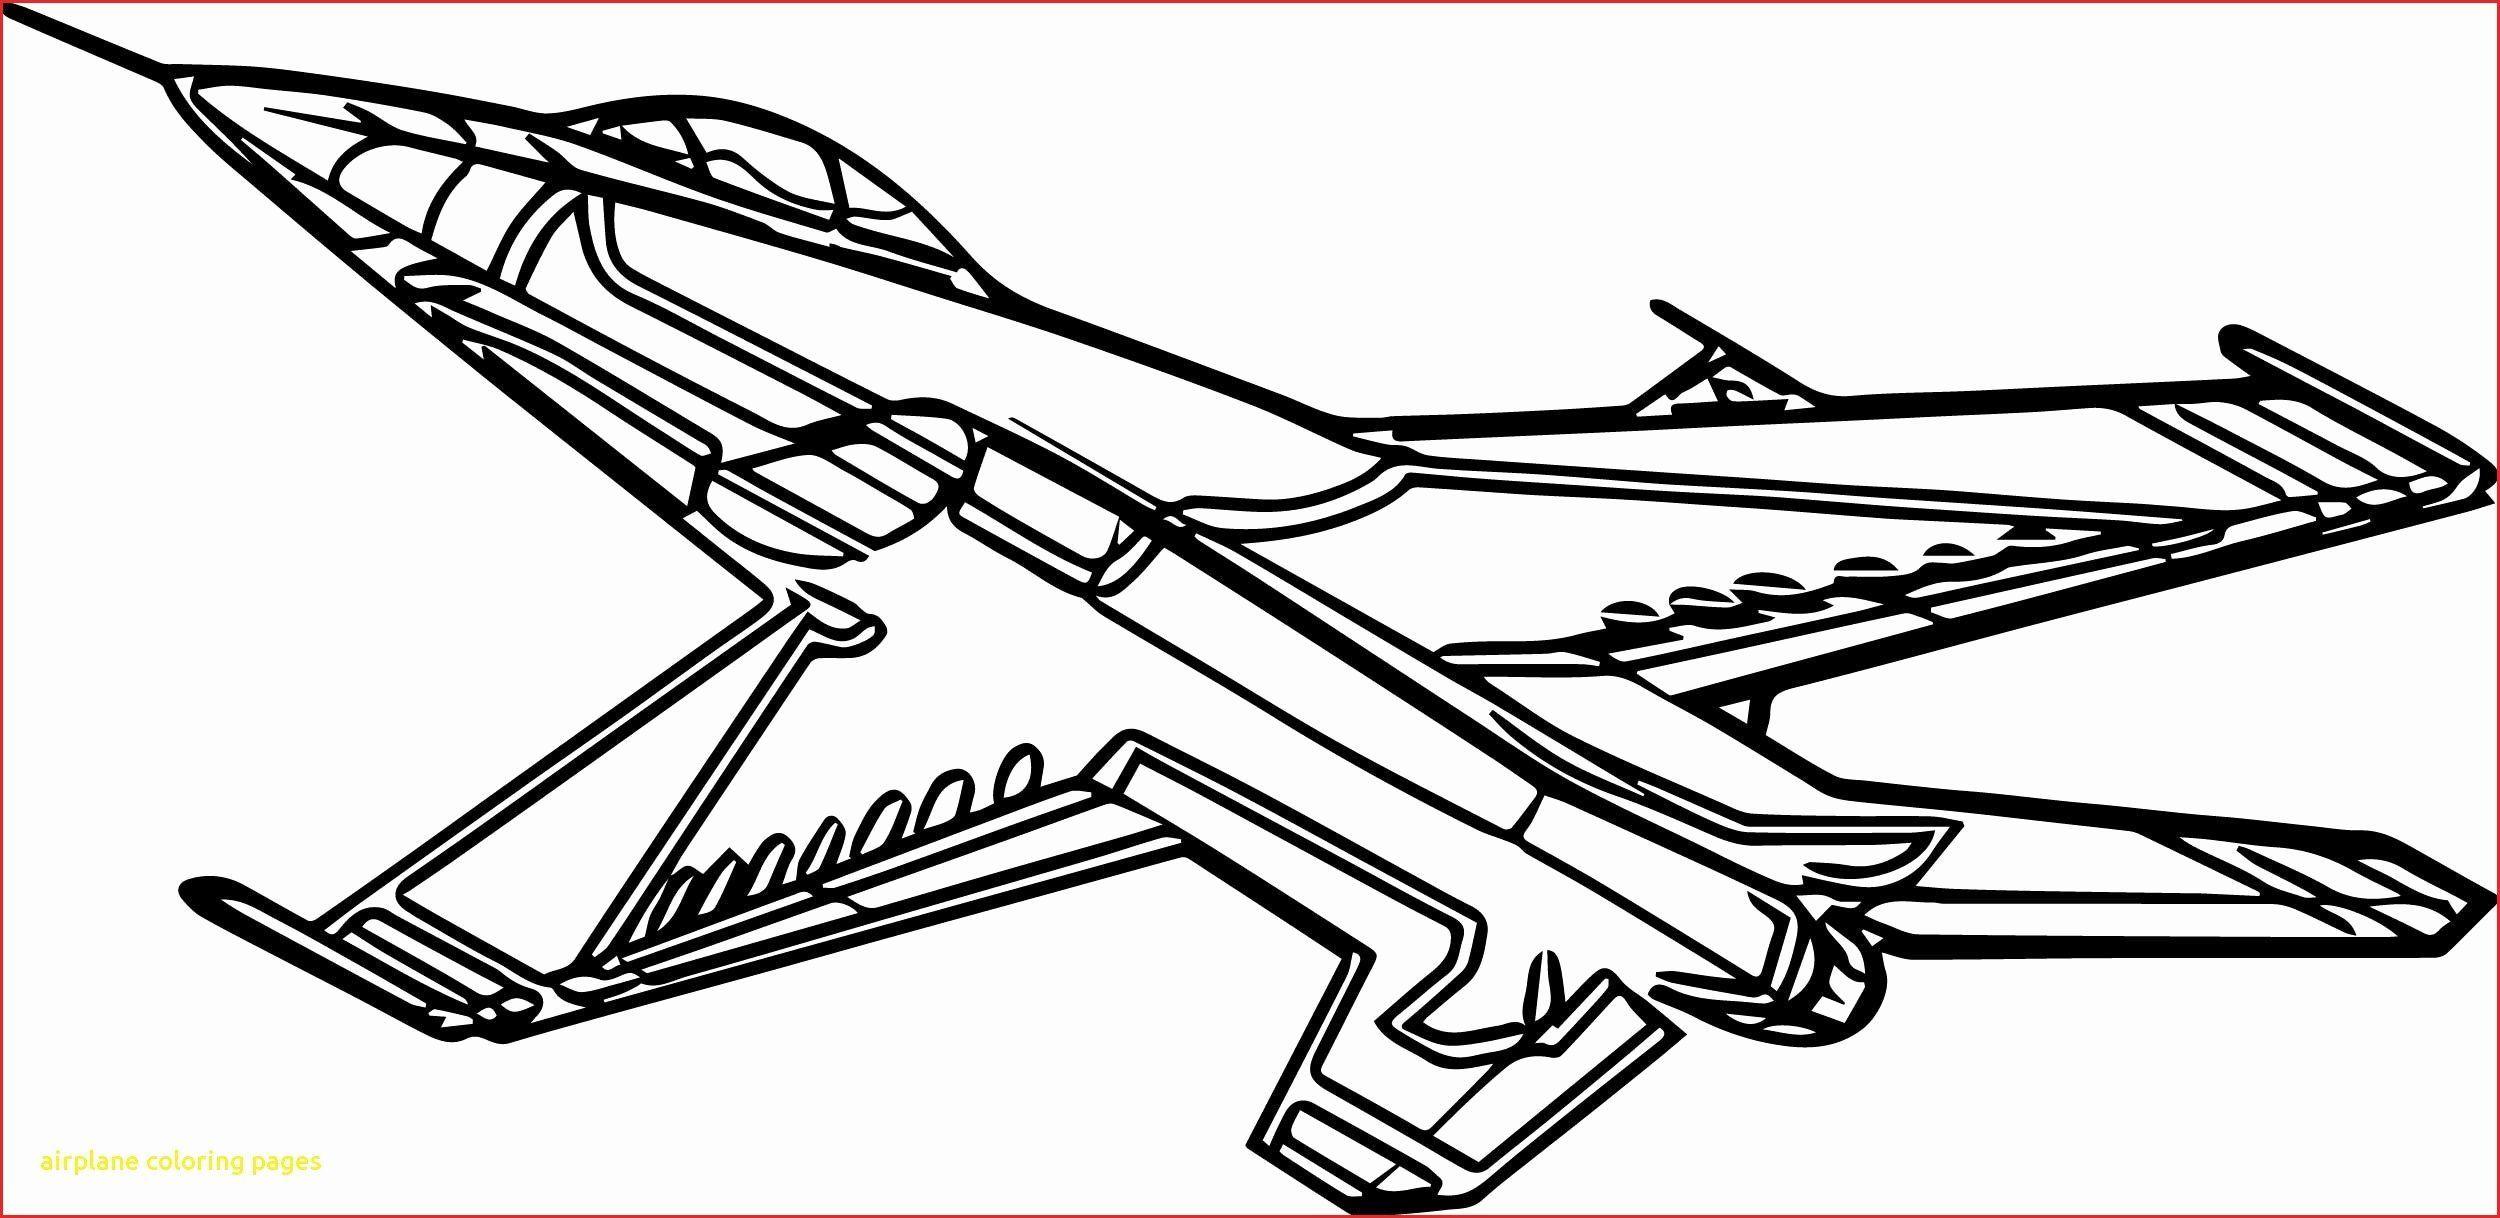 Militar Weihnachten Malvorlagen Schone Flugzeug Zeichnungen Clipart Flugzeug Example Military Coloring Cli Weihnachtsmalvorlagen Malvorlagen Clipart